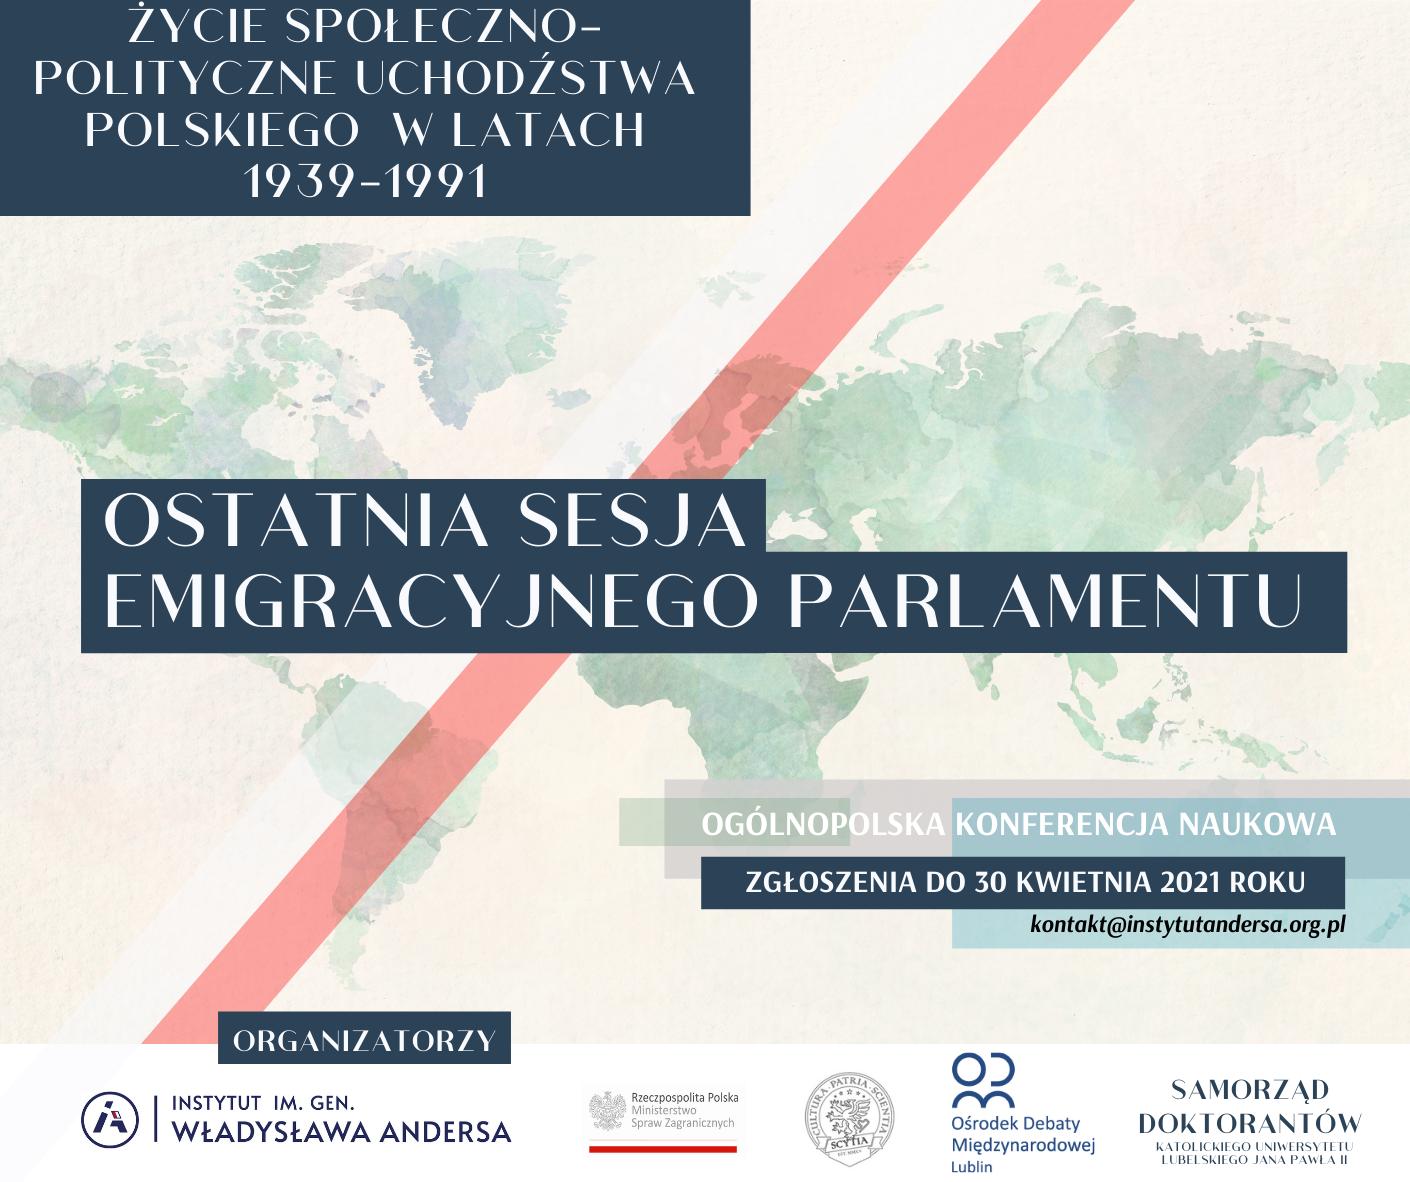 """Ogólnopolska Konferencja Naukowa """"Ostatnia sesja emigracyjnego parlamentu. Życie społeczno-polityczne uchodźstwa polskiego w latach 1939-1991."""""""